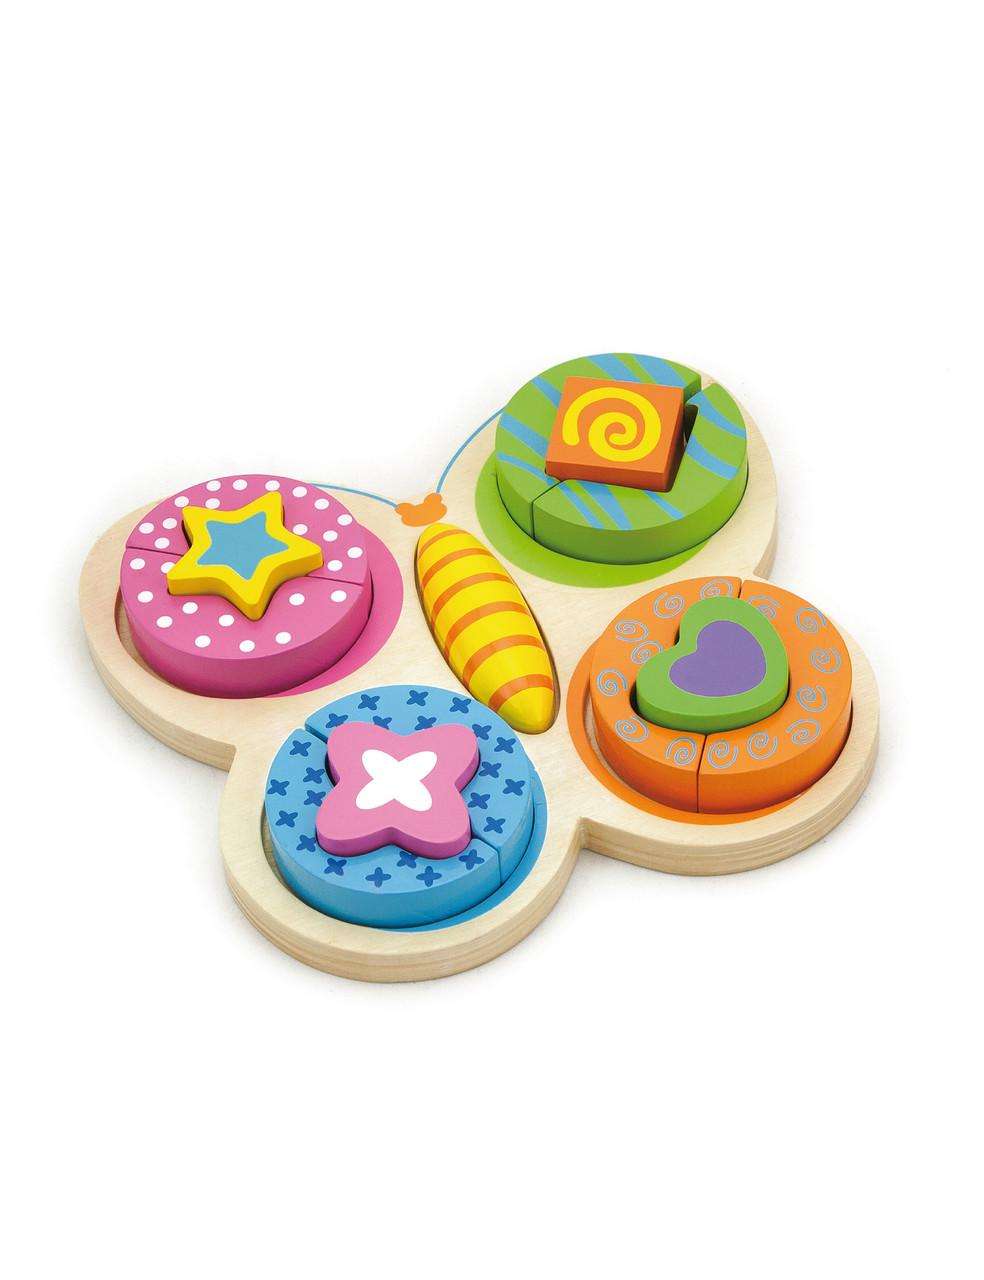 Развивающие и обучающие игрушки «Viga Toys» (59924) деревянный пазл Бабочка